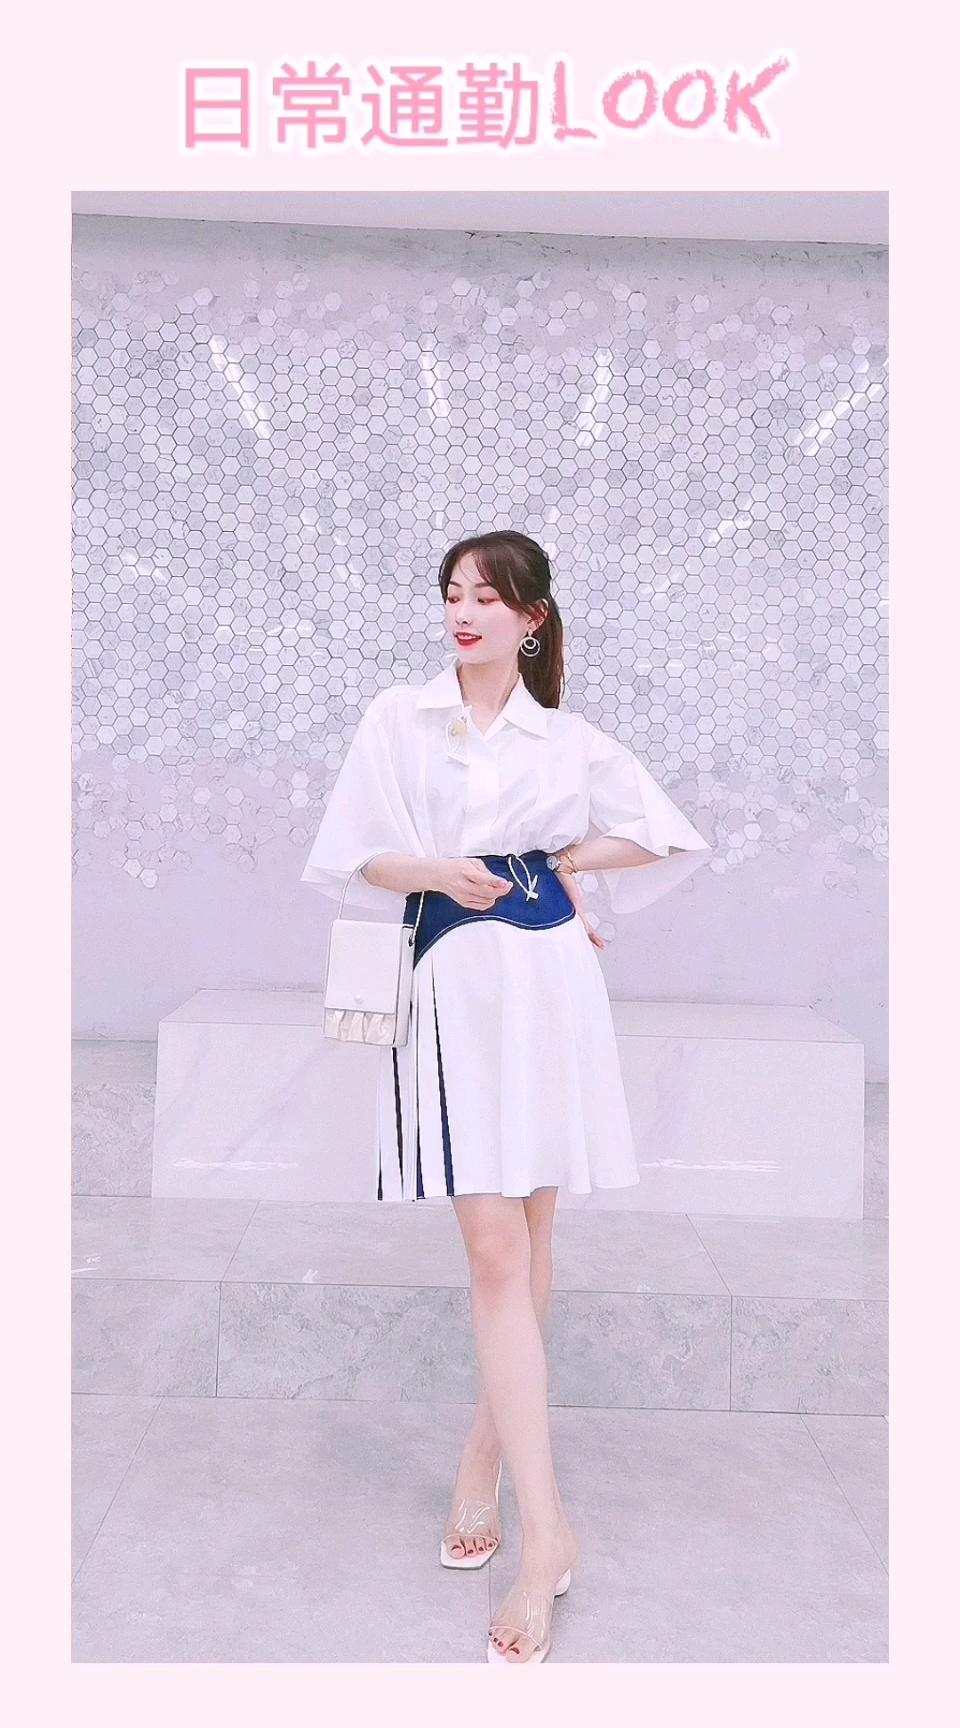 #一分钟穿搭,上班不迟到~# 巨有气质的一套! 白衬衫知性优雅 百搭又气质 搭配设计感十足的半身裙 出街回头率百分百 面试穿这一套就对啦~